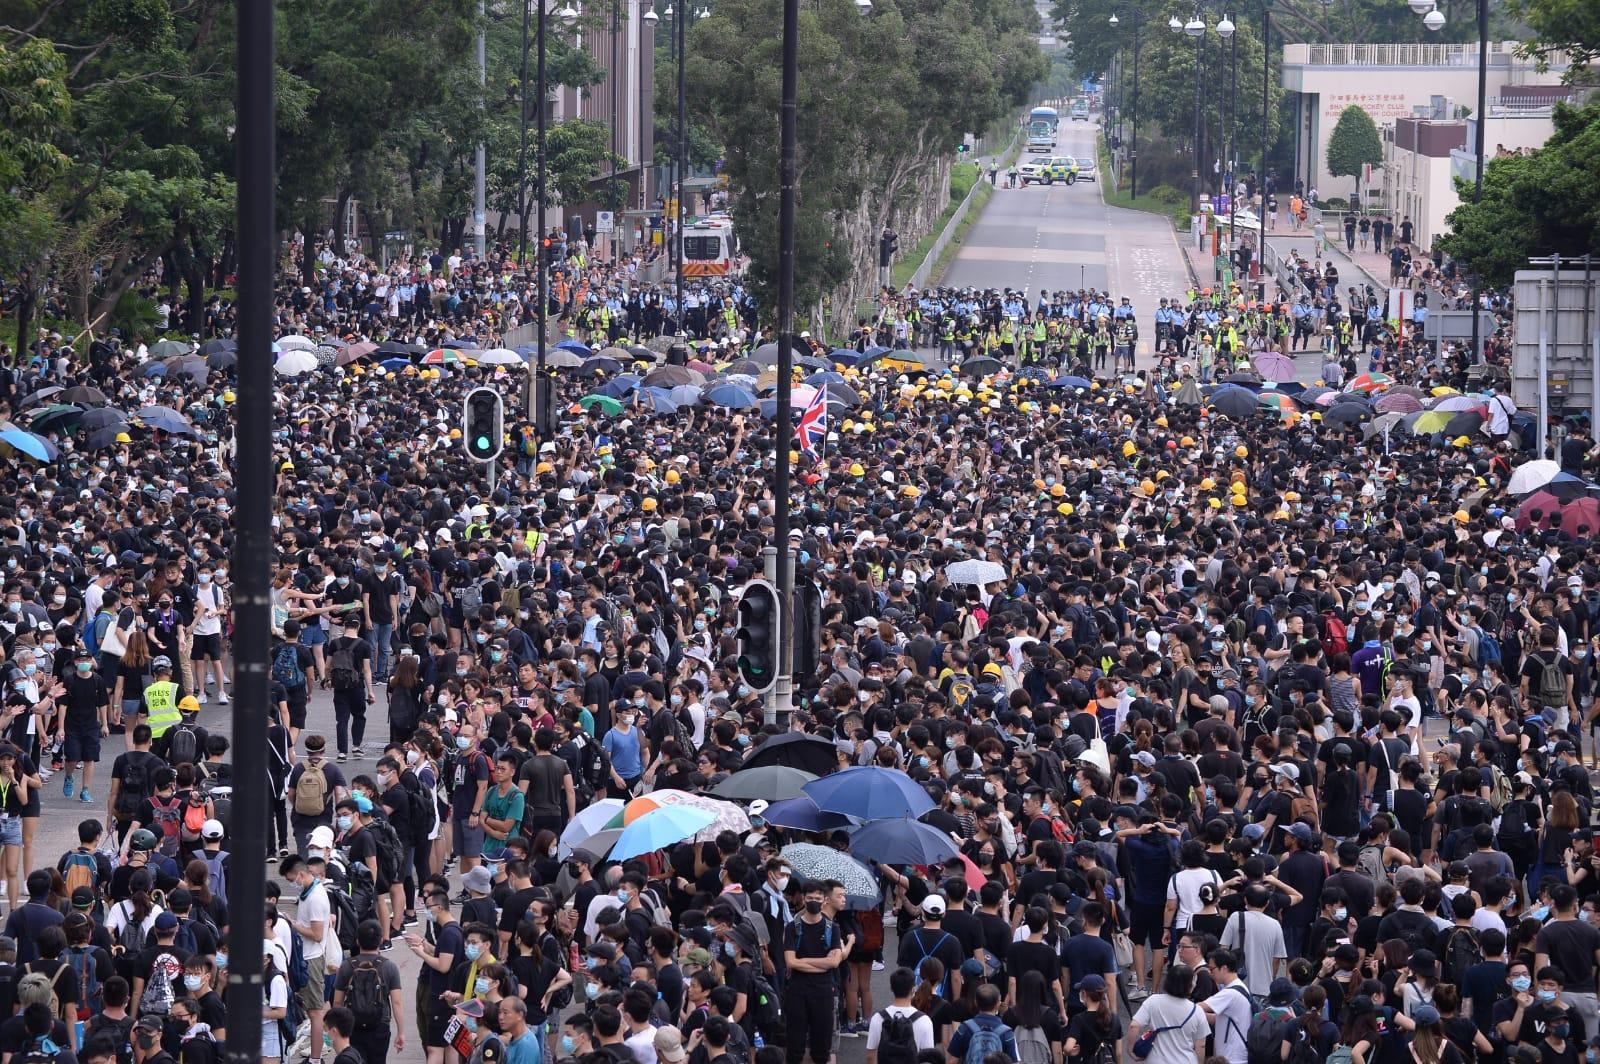 示威者佔據馬路